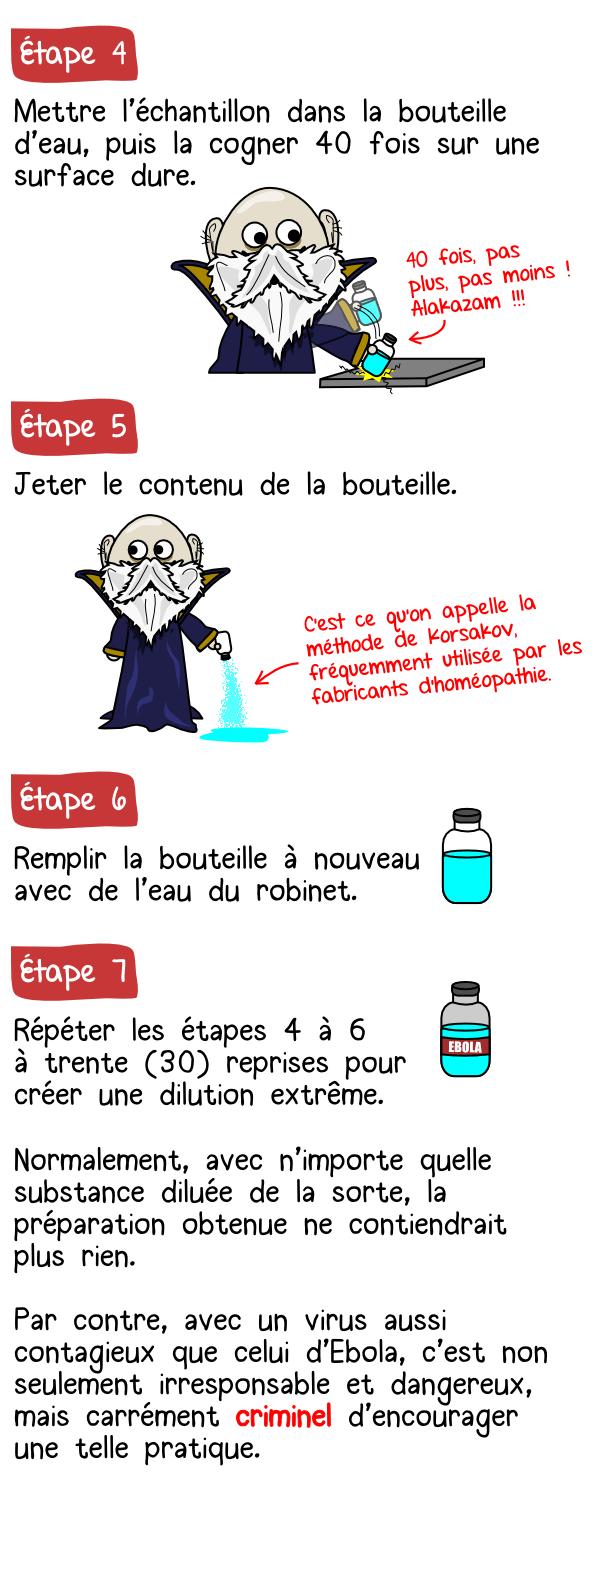 Homéopathie et Ebola 03